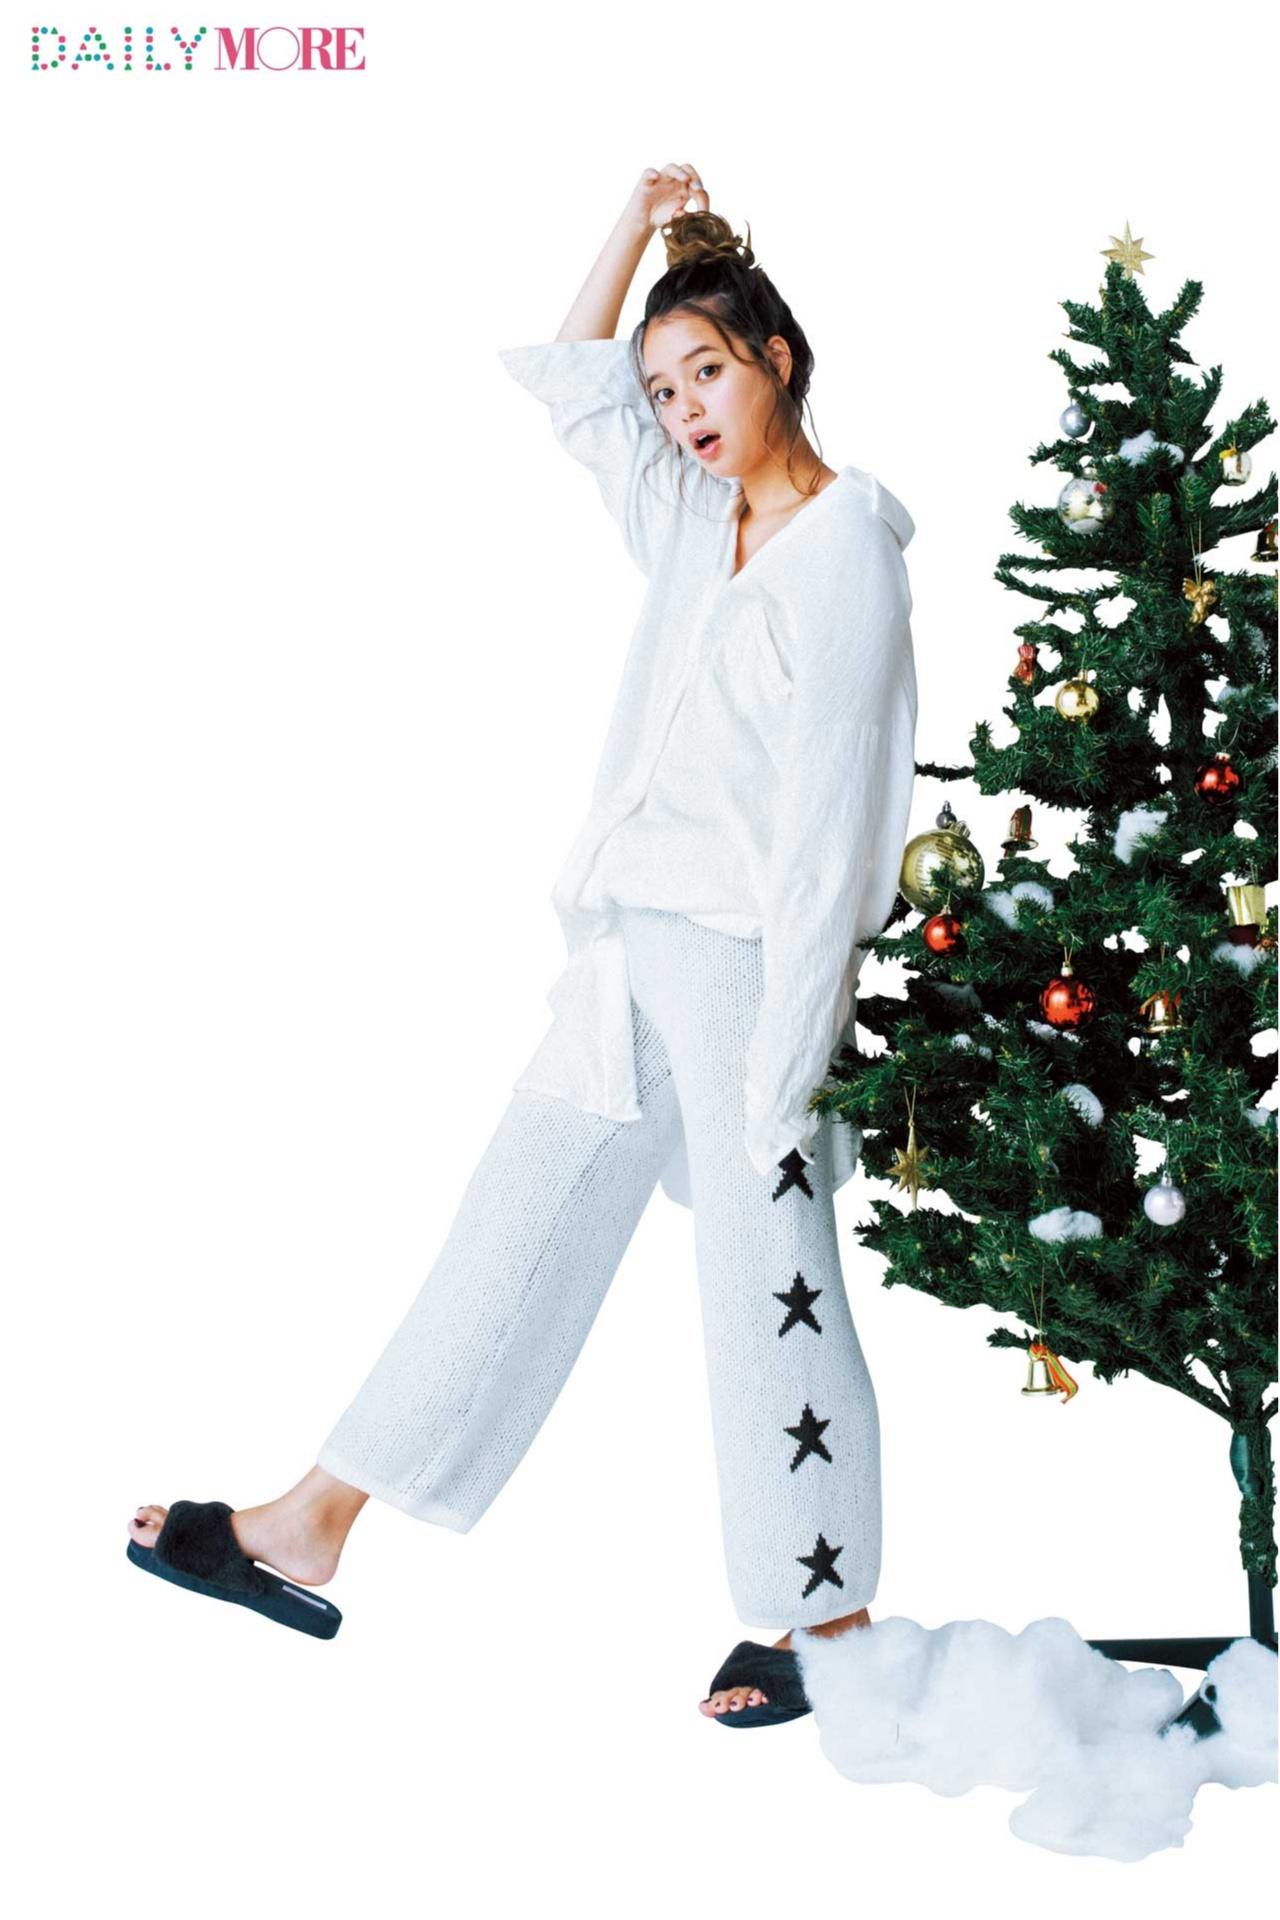 【今日のコーデ/岸本セシル】家族と過ごすクリスマスはお家コーデをピュアホワイトで気分上げ!_1